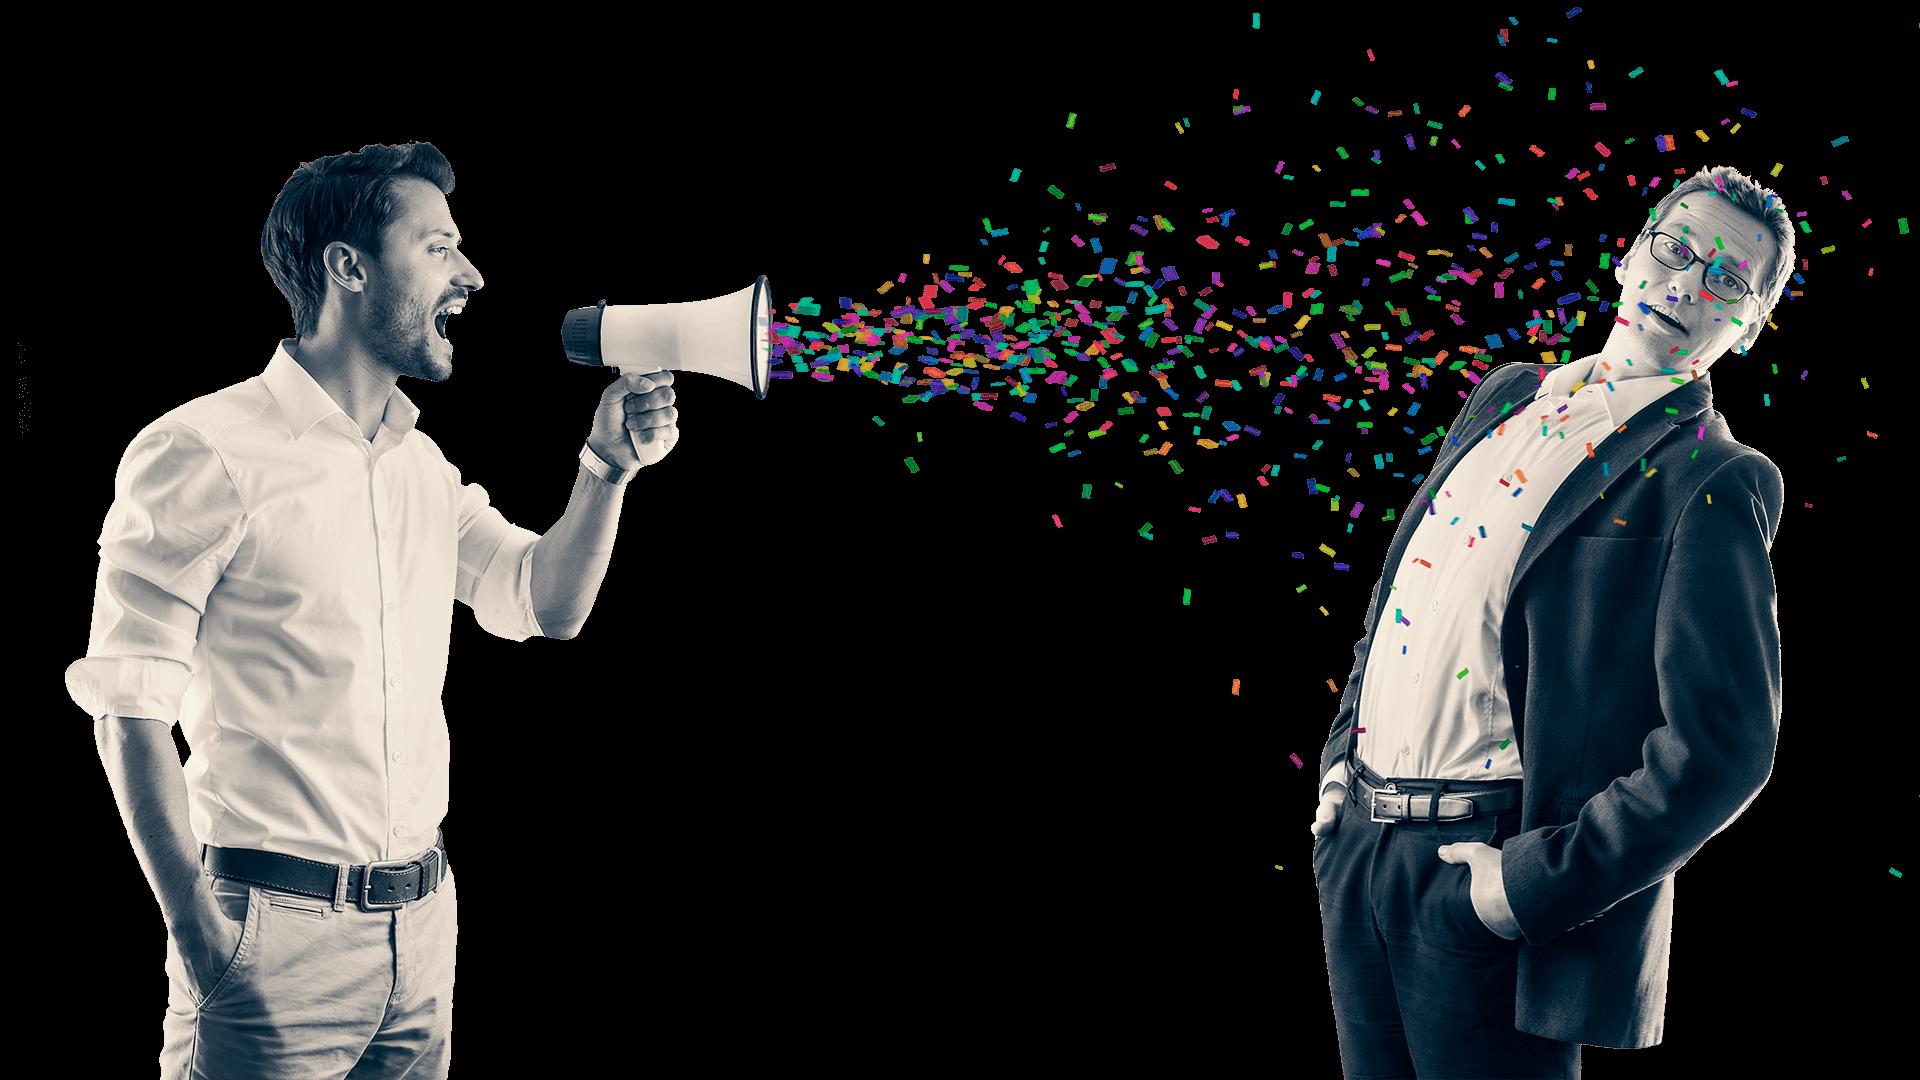 Markeninszenierungen auf einer Messe wirken nachhaltig und schaffen Ihrer Marke einen unverkennbaren Wiedererkennungswert - Agentur DBMUD